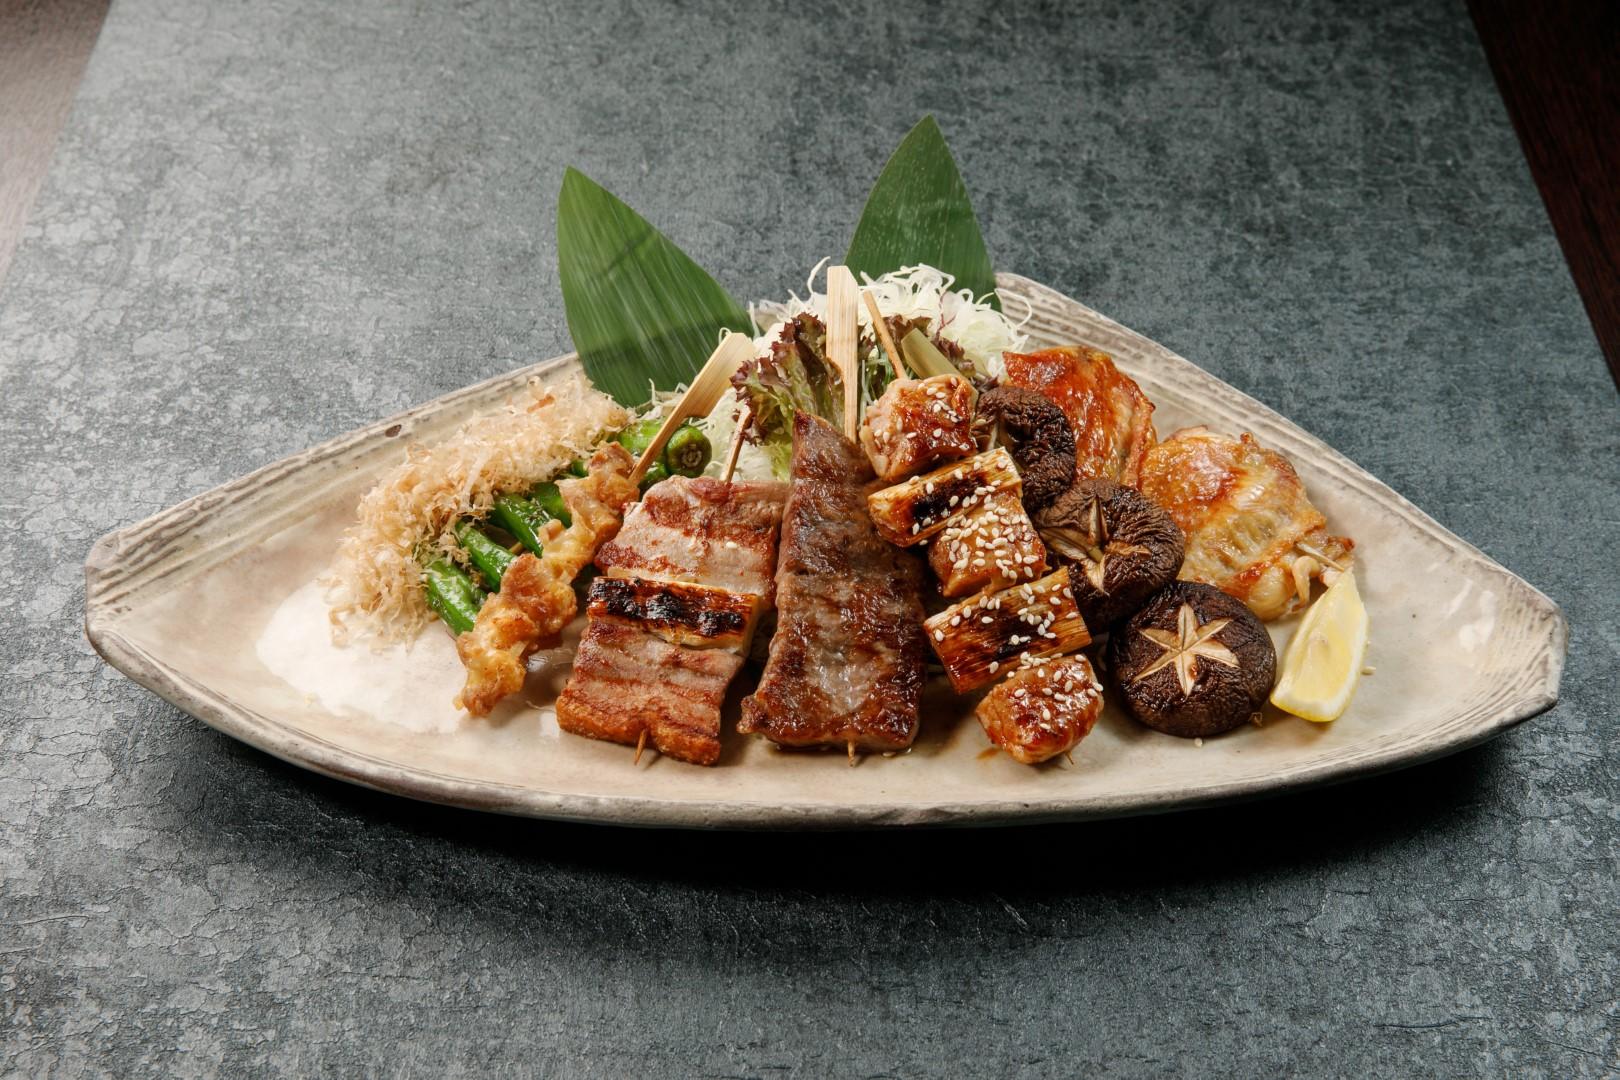 Grilled Food Platter